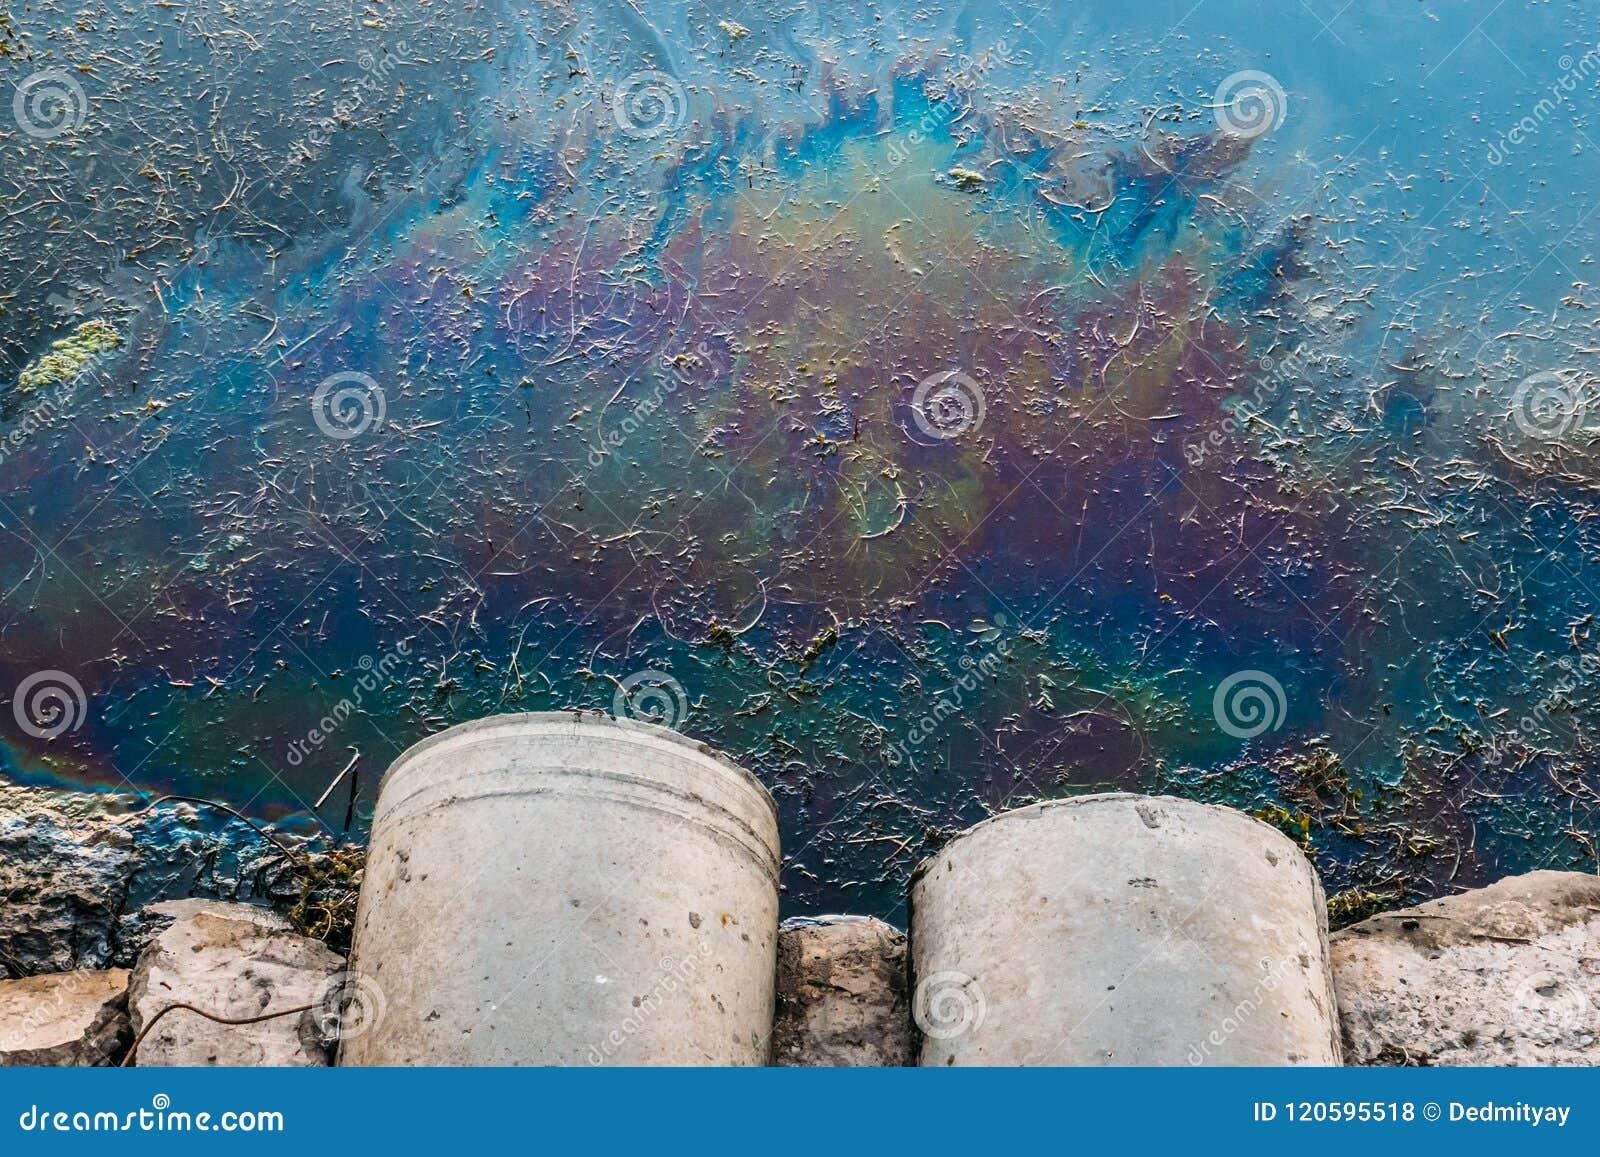 Σωλήνες υπονόμων στην ακτή, το λεκέ του πετρελαίου ή τα καύσιμα στην επιφάνεια νερού, μόλυνση φύσης από τις τοξικές χημικές ουσίε